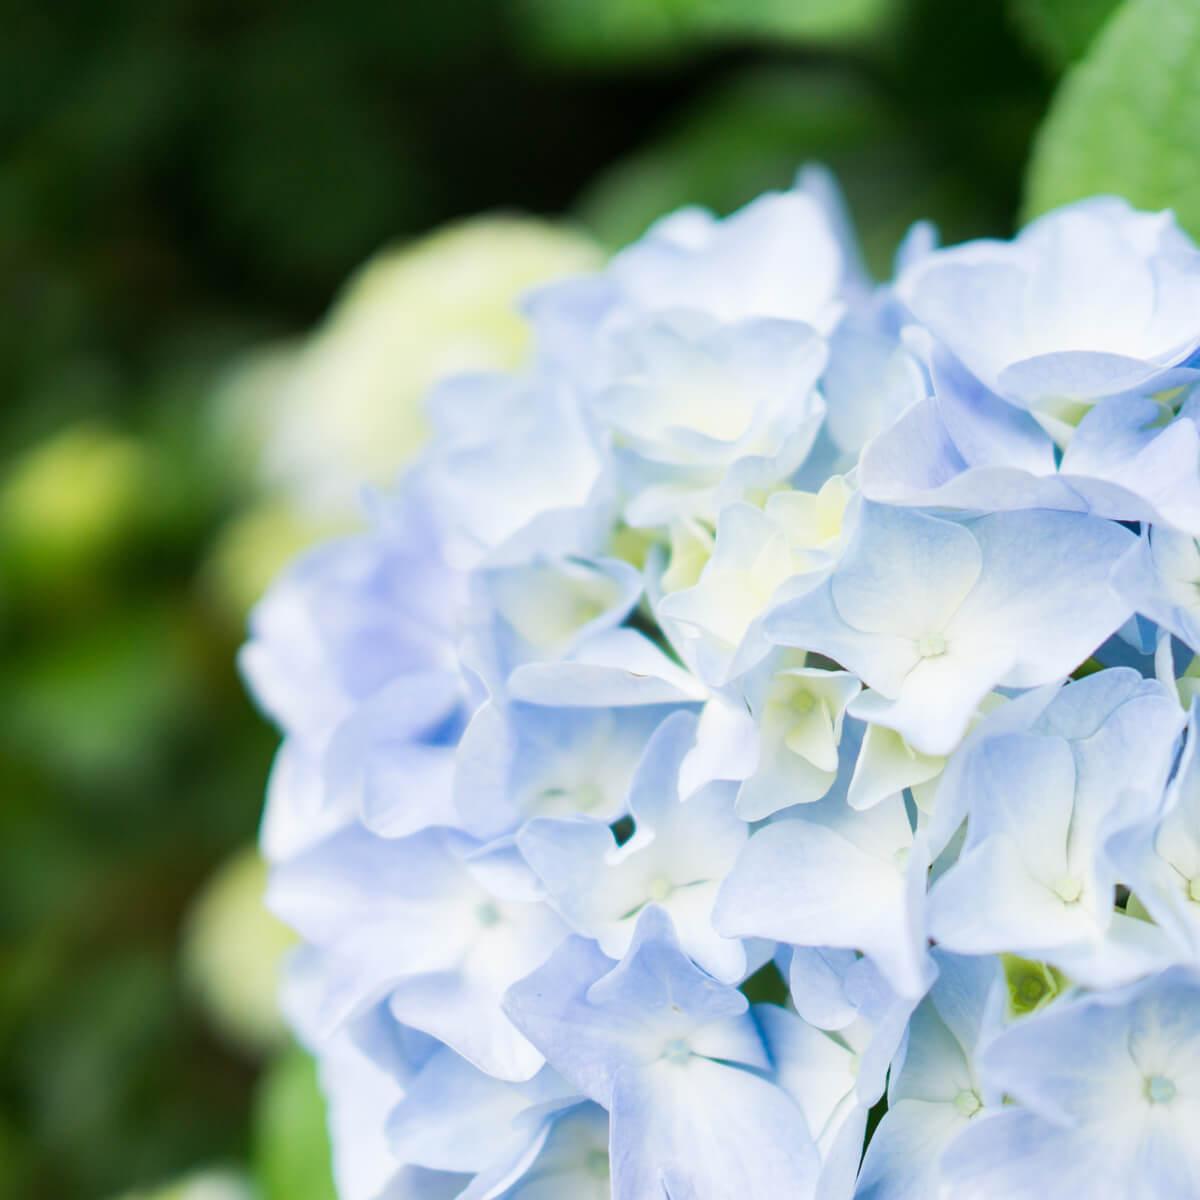 屋久島の紫陽花 屋久島花とジュエリー オーダーメイドマリッジリングのモチーフ